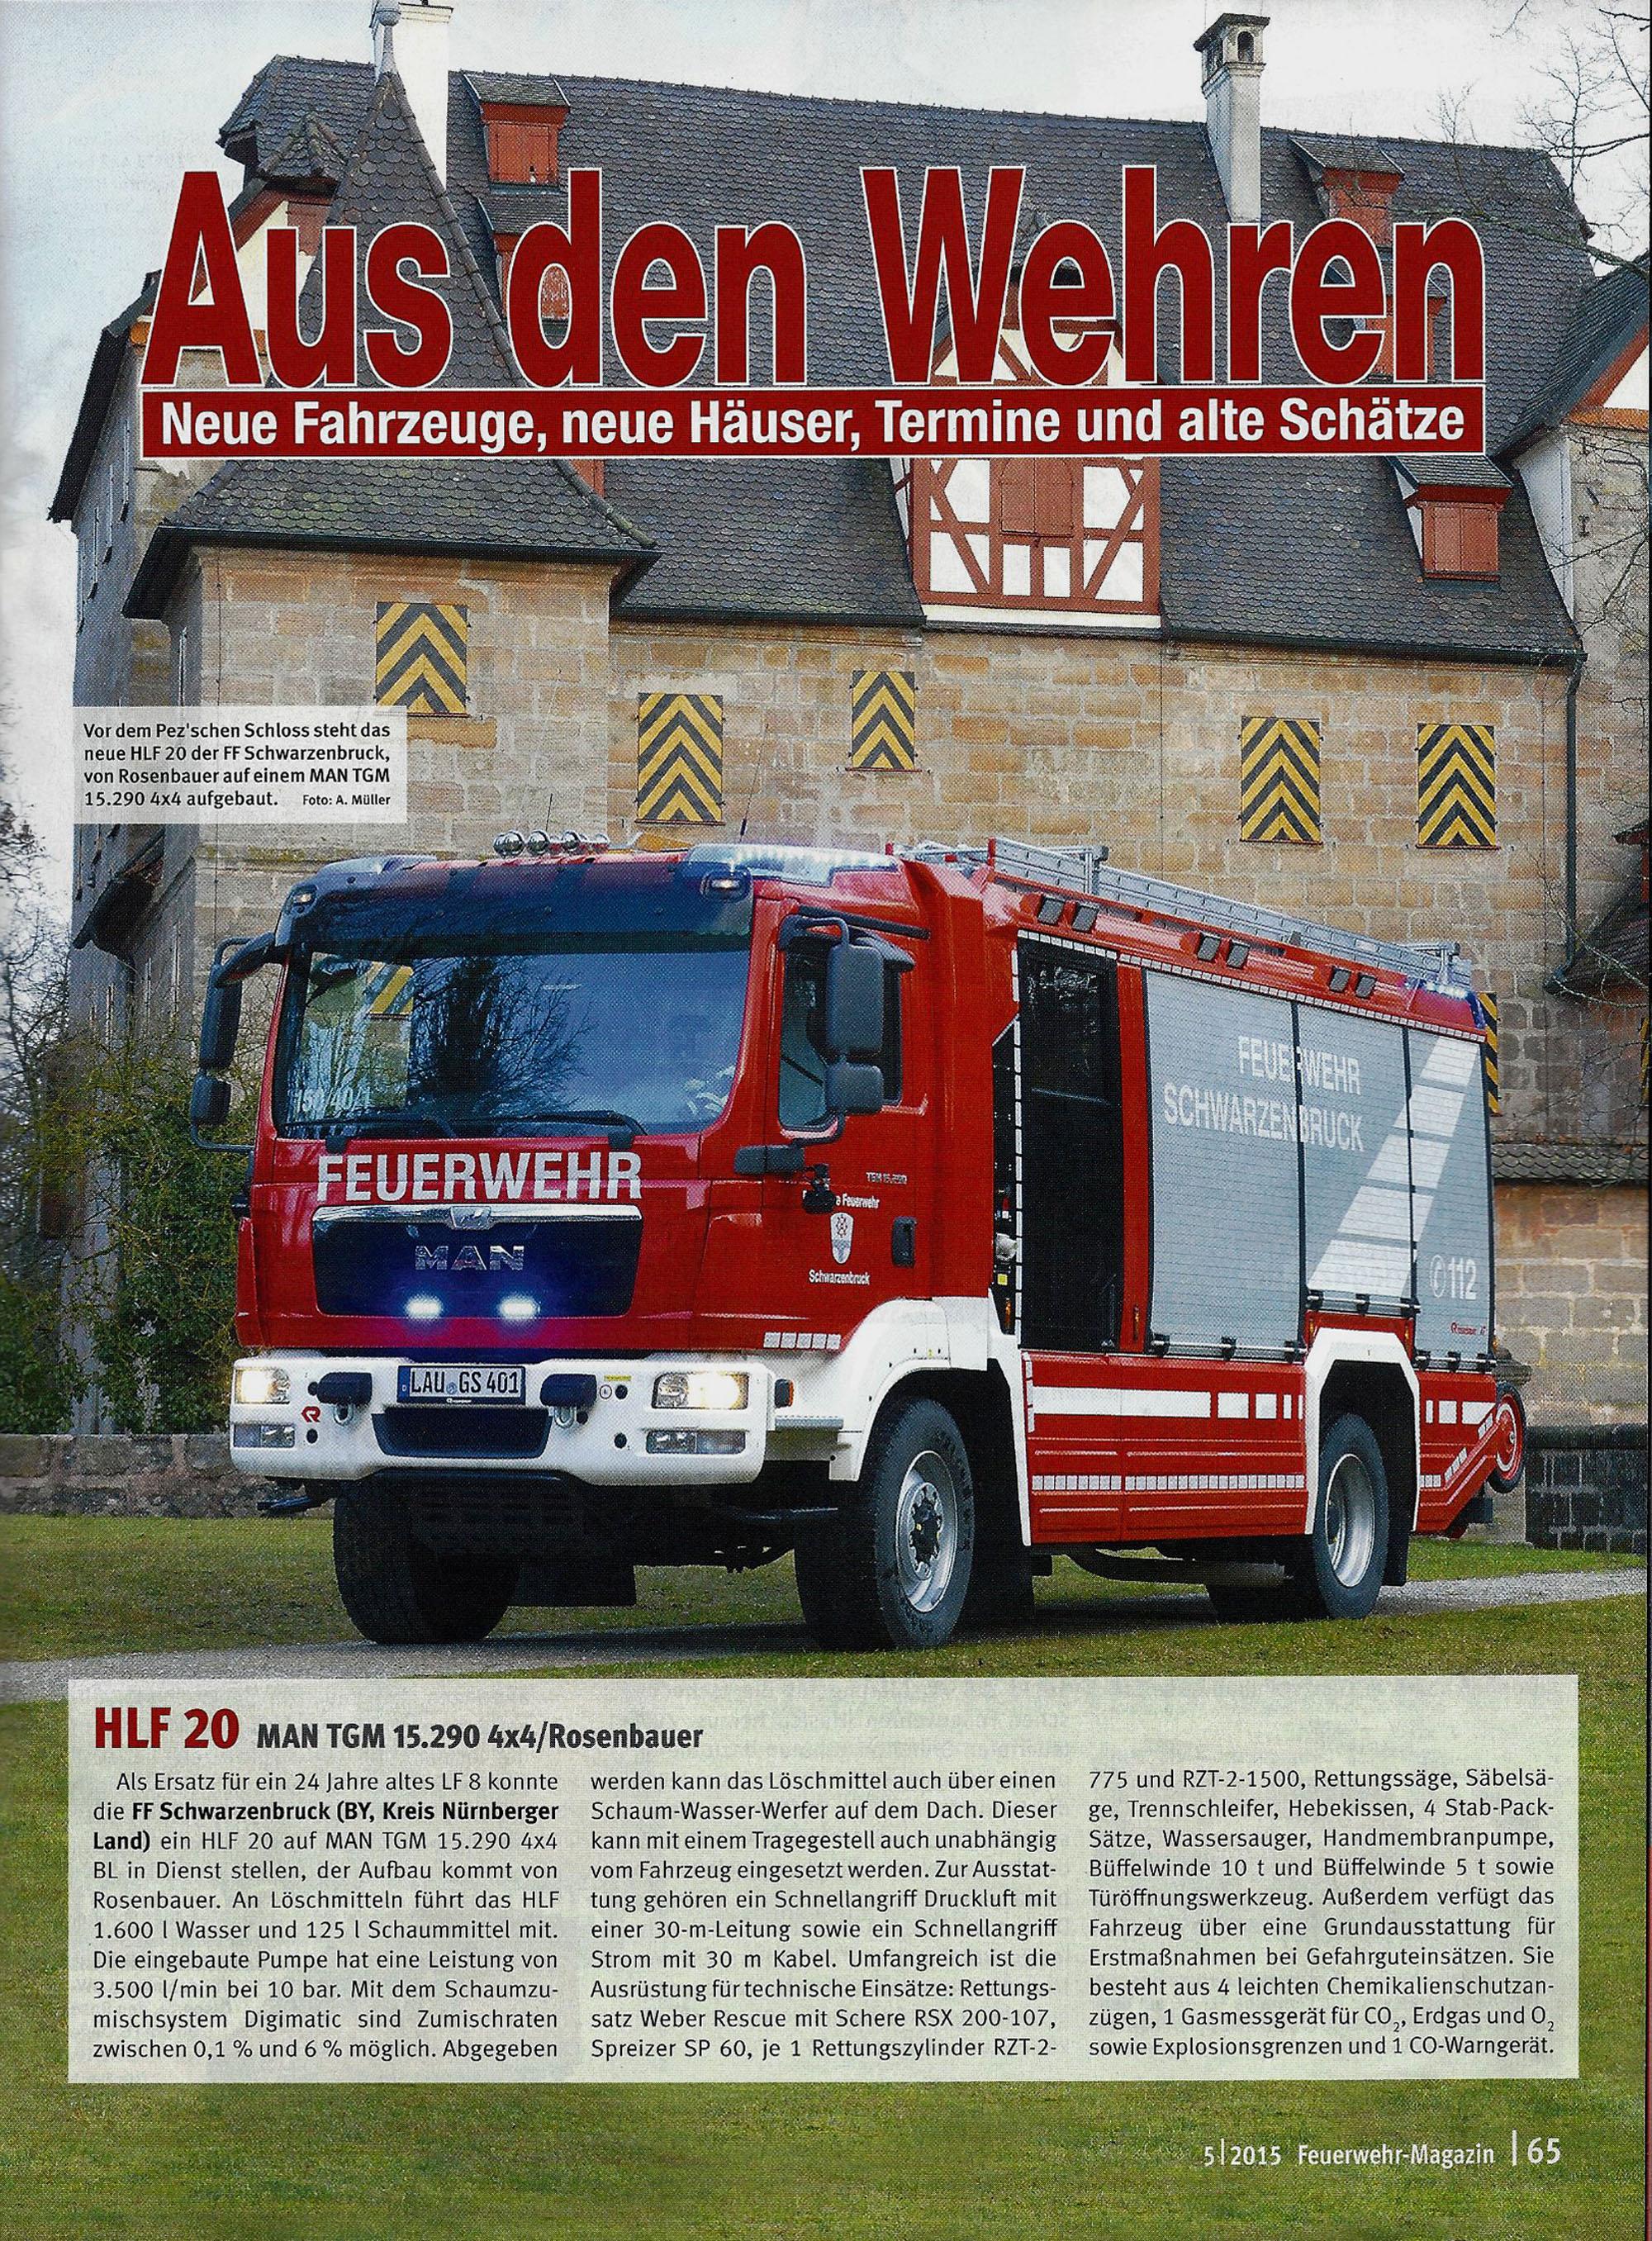 FF-Sbr_HLF_im-FW-Magazin_2015-05_2713p